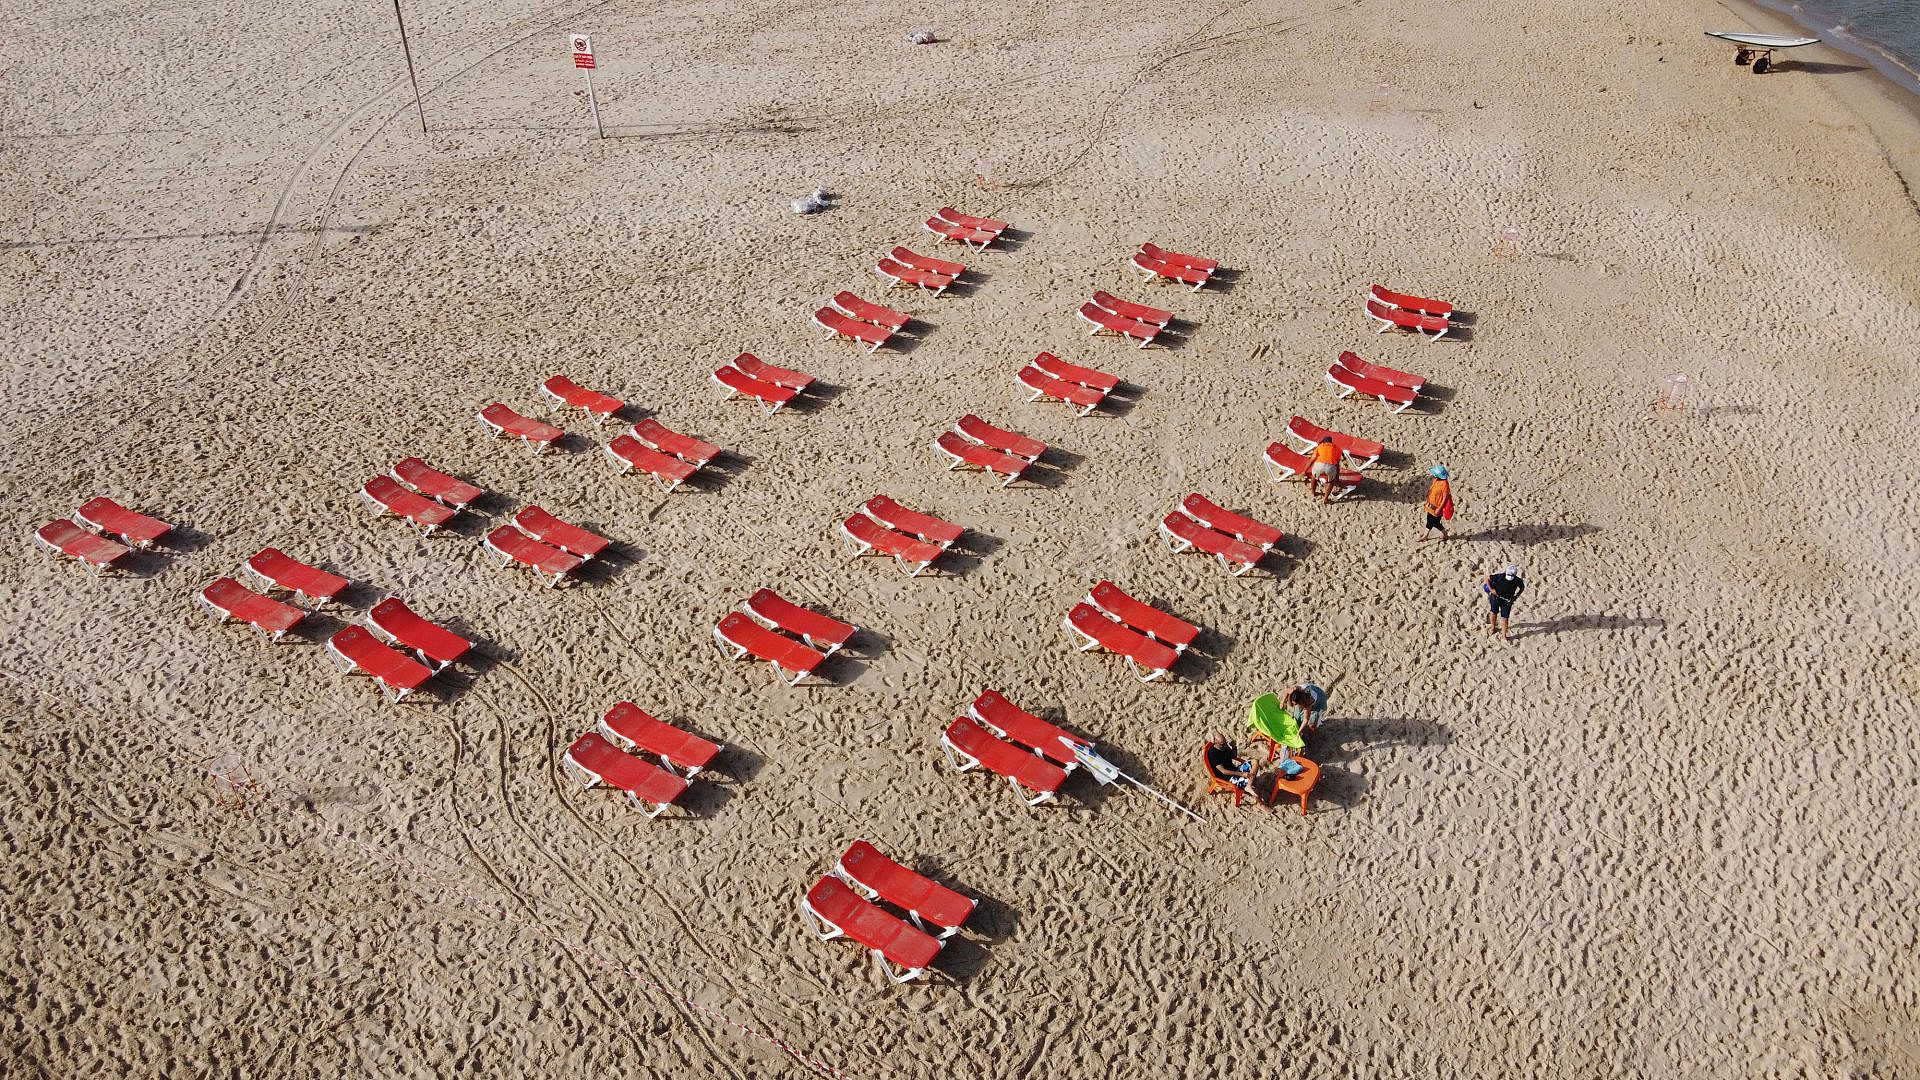 """חחחחחחח. מתווה החופים של עיריית ת""""א-יפו, כך זה אמור להיראות (צילום: שאטרסטוק)"""